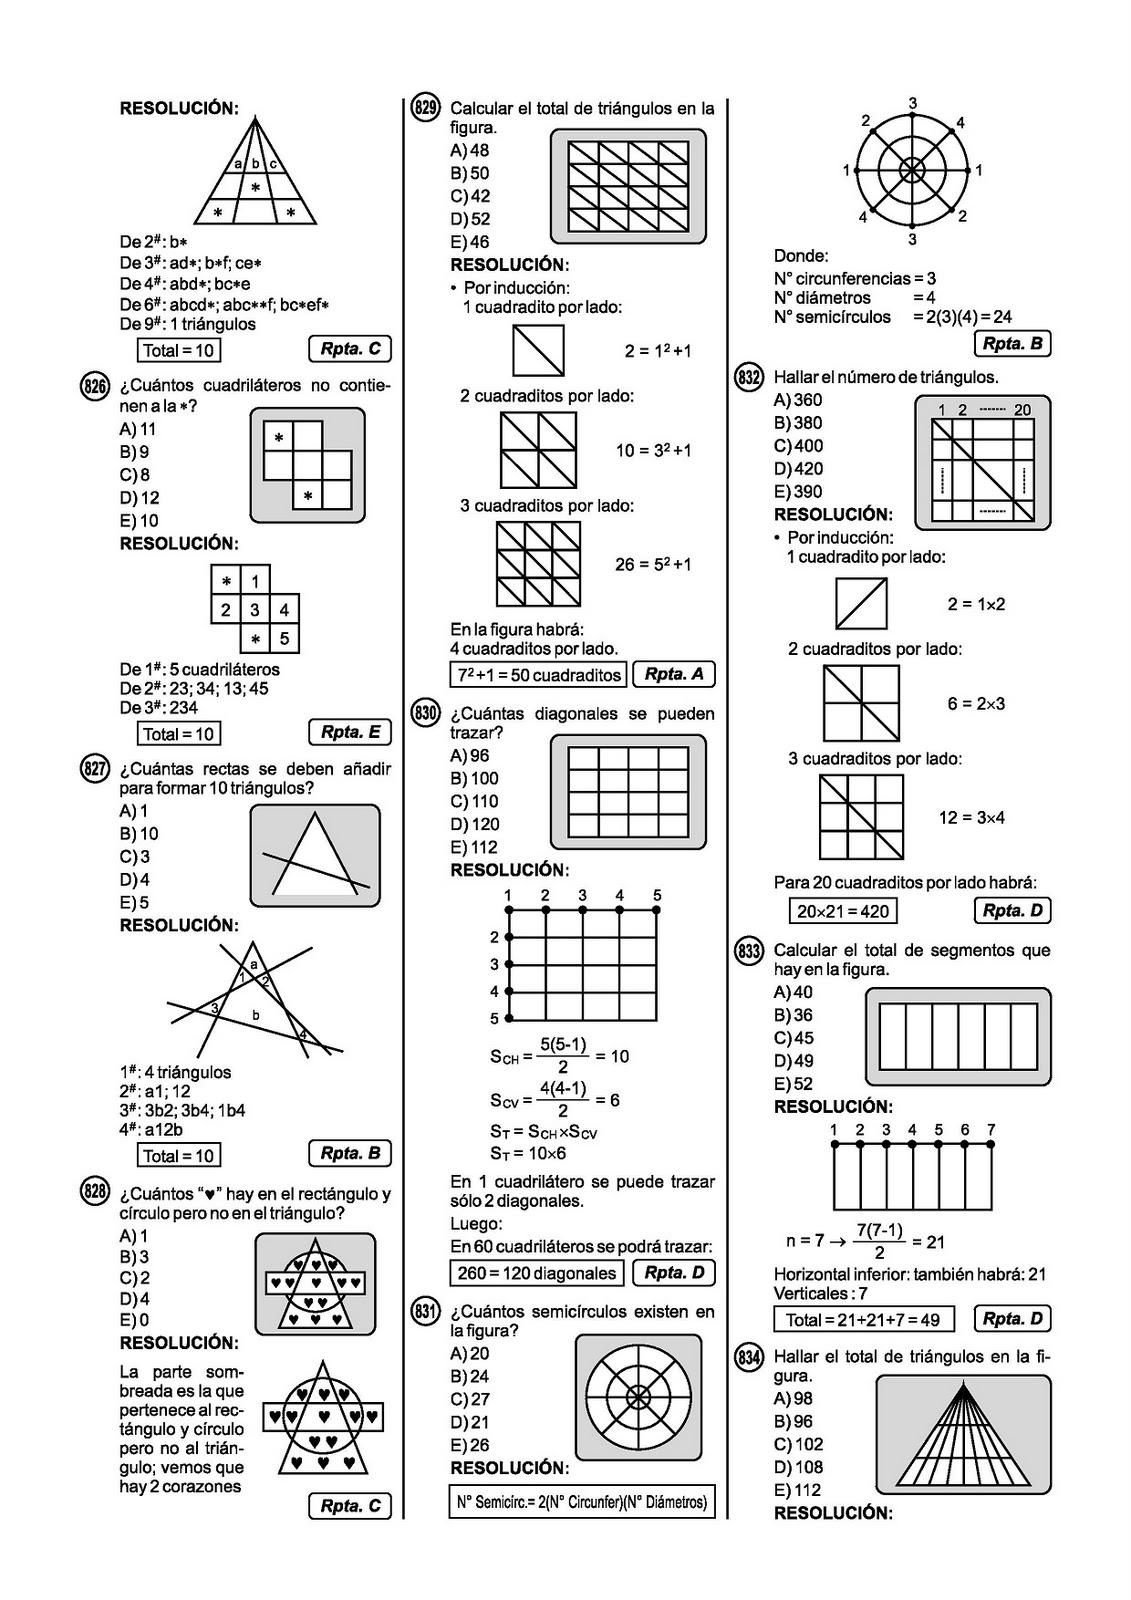 Ejercicios Resueltos de Conteo de Figuras - Razonamiento Matematico